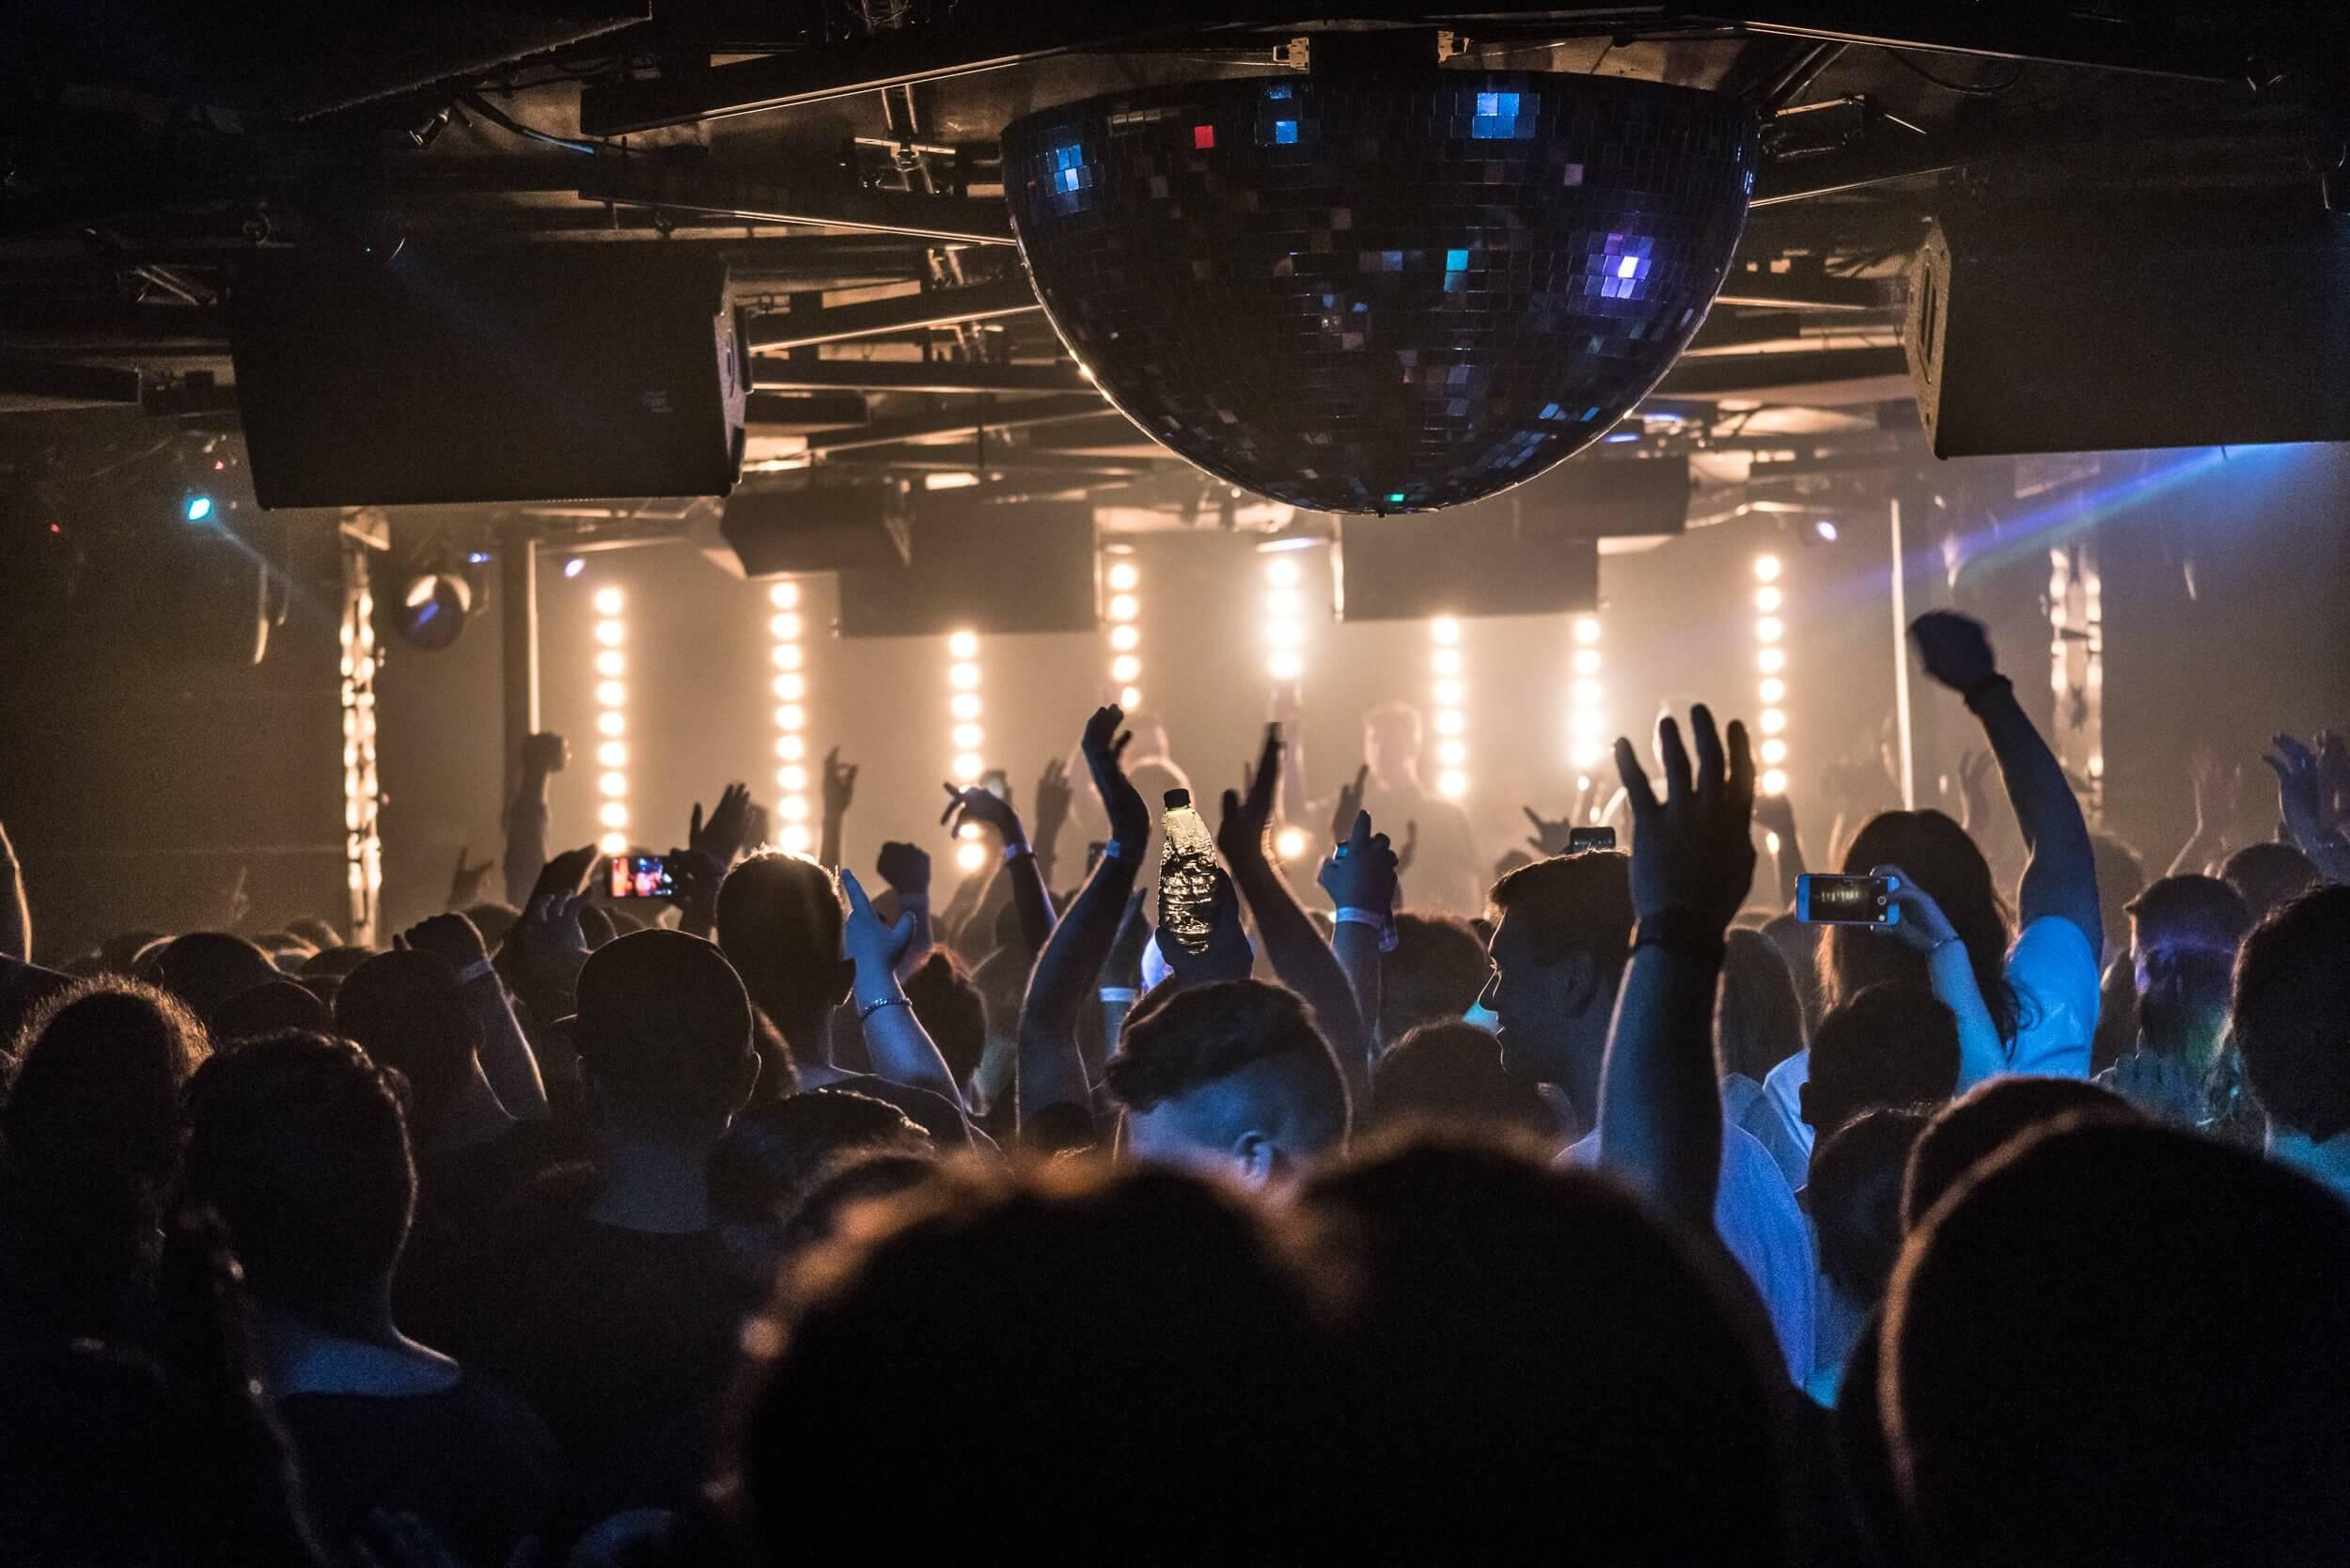 Event - Underground Concert